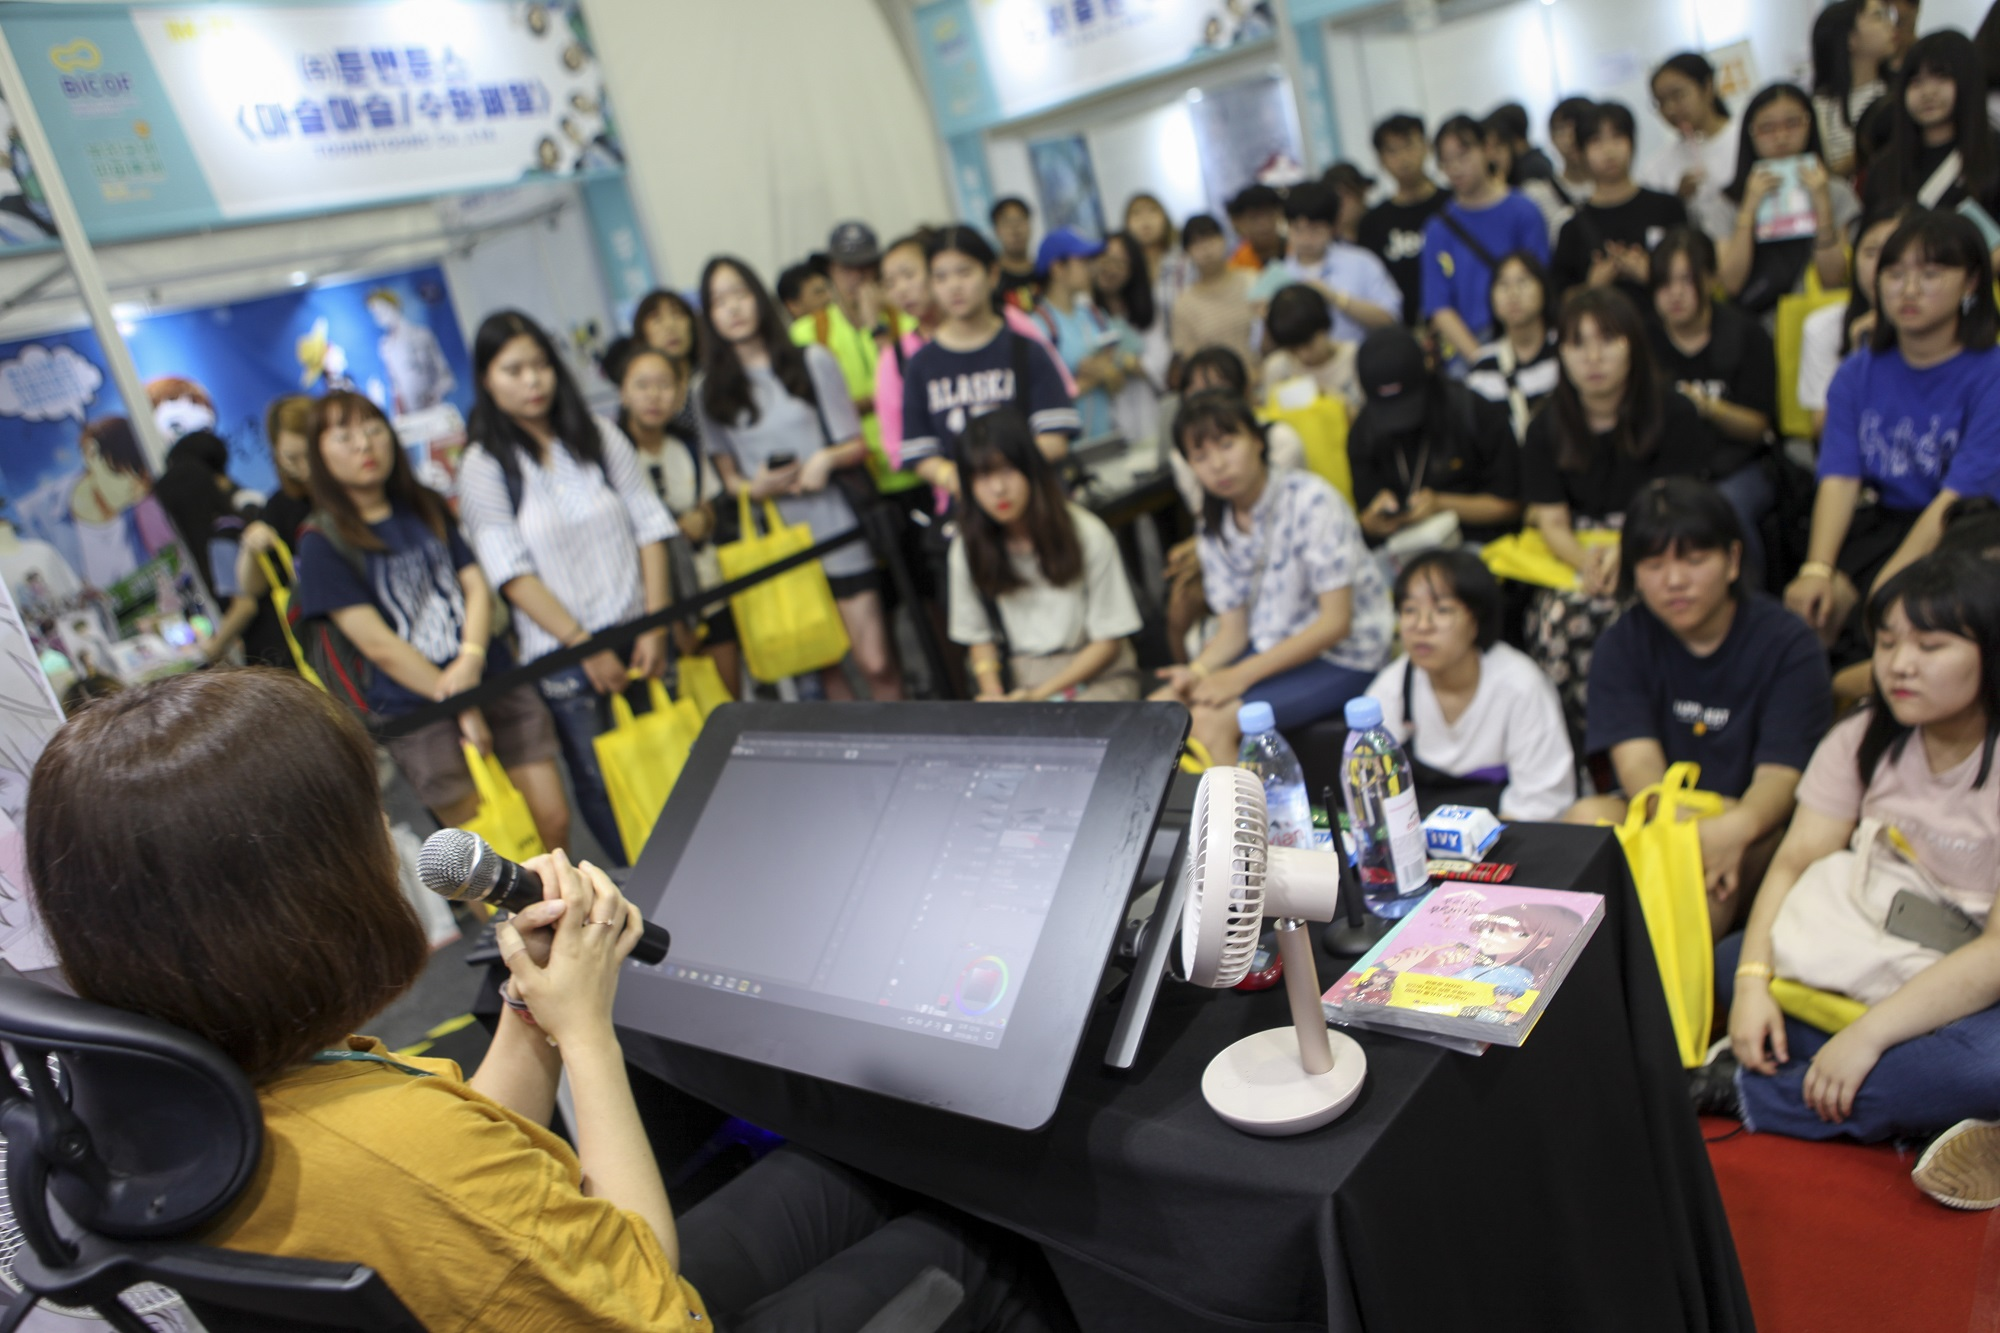 제22회 부천국제만화축제 - 마켓관 작가 이벤트